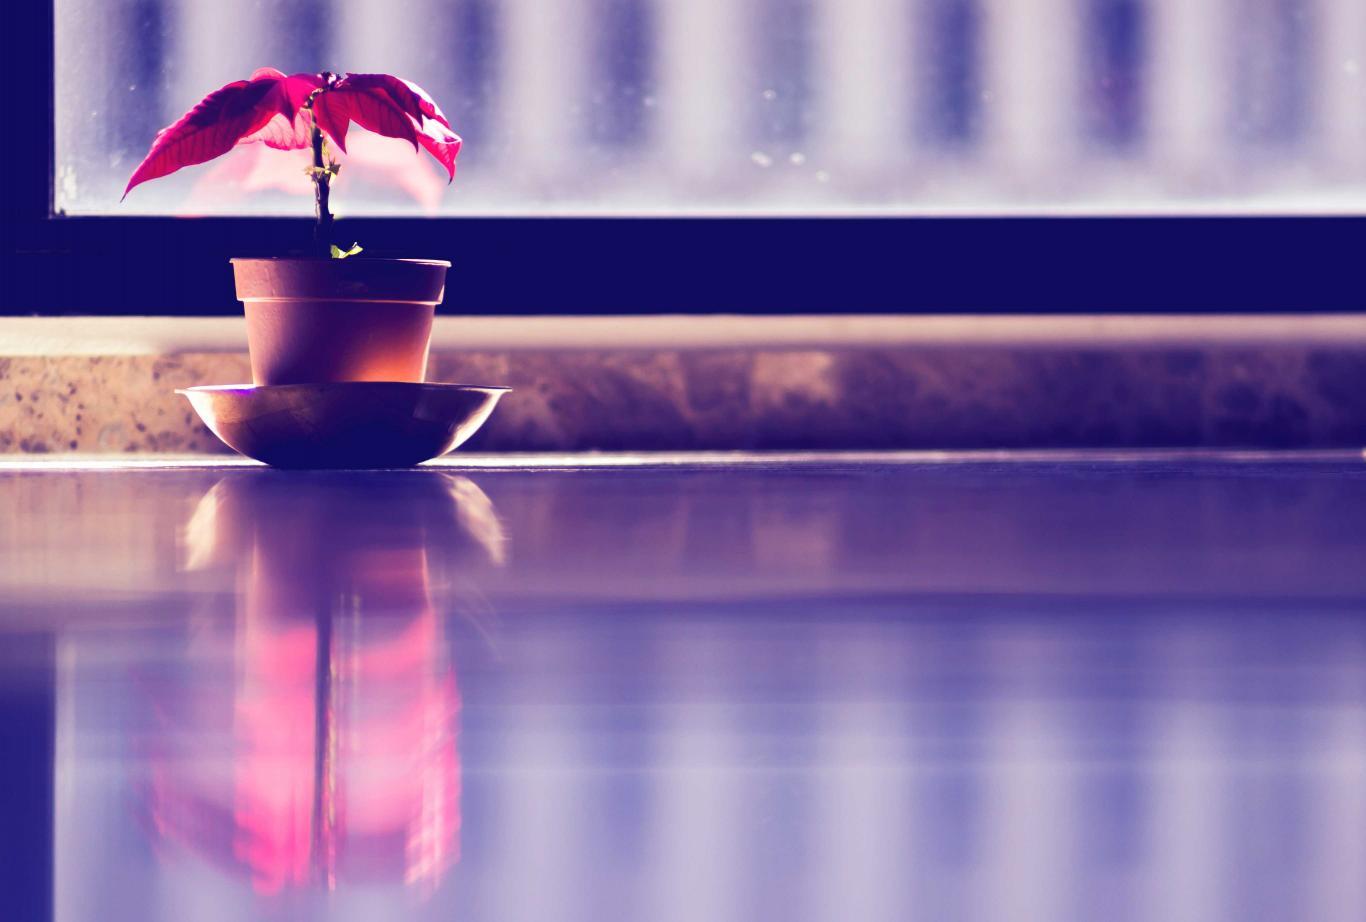 Imagen de una planta